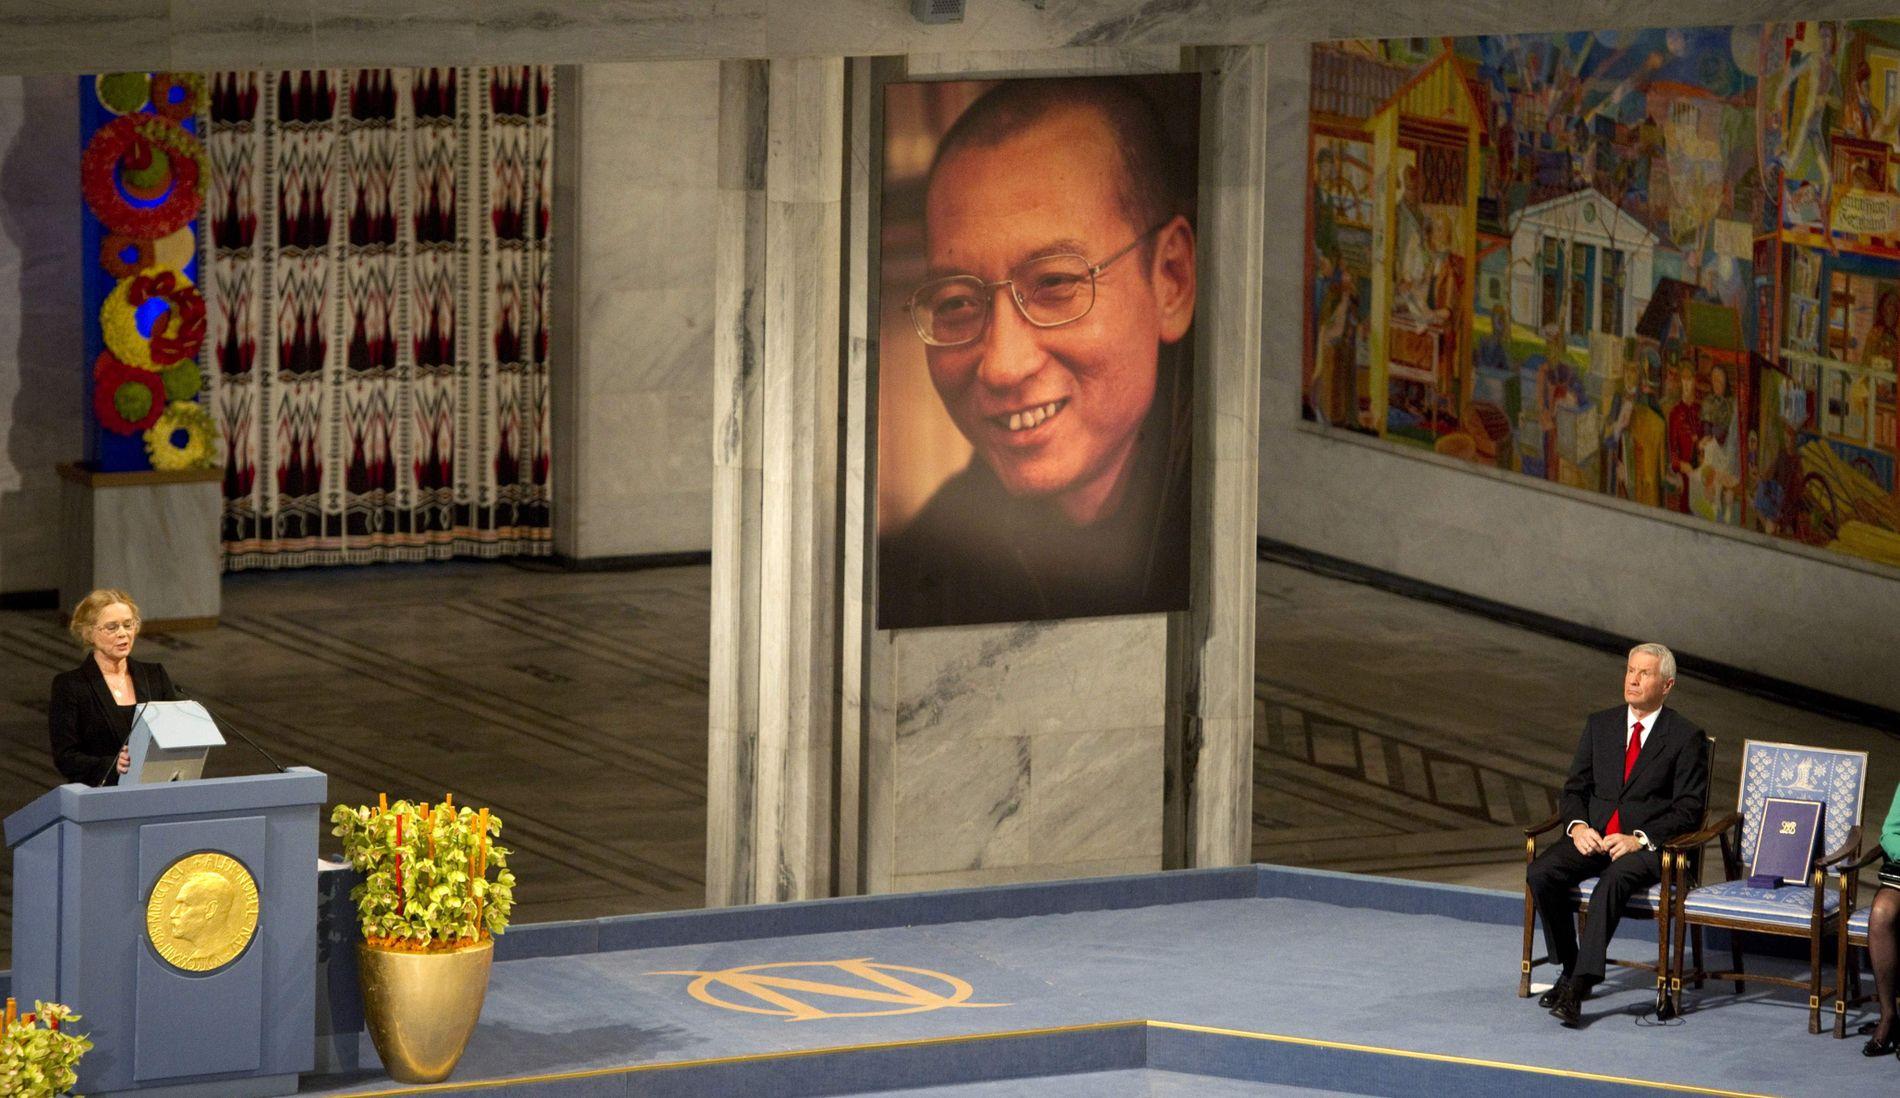 NEKTES Å DRA: I 2010 ble dissidenten Liu Xiaobo tildelt Nobels fredspris. Selv om Liu nå holder på å dø av leverkreft og ønsker behandling i utlandet, nekter myndighetene i Beijing ham å forlate Kina.